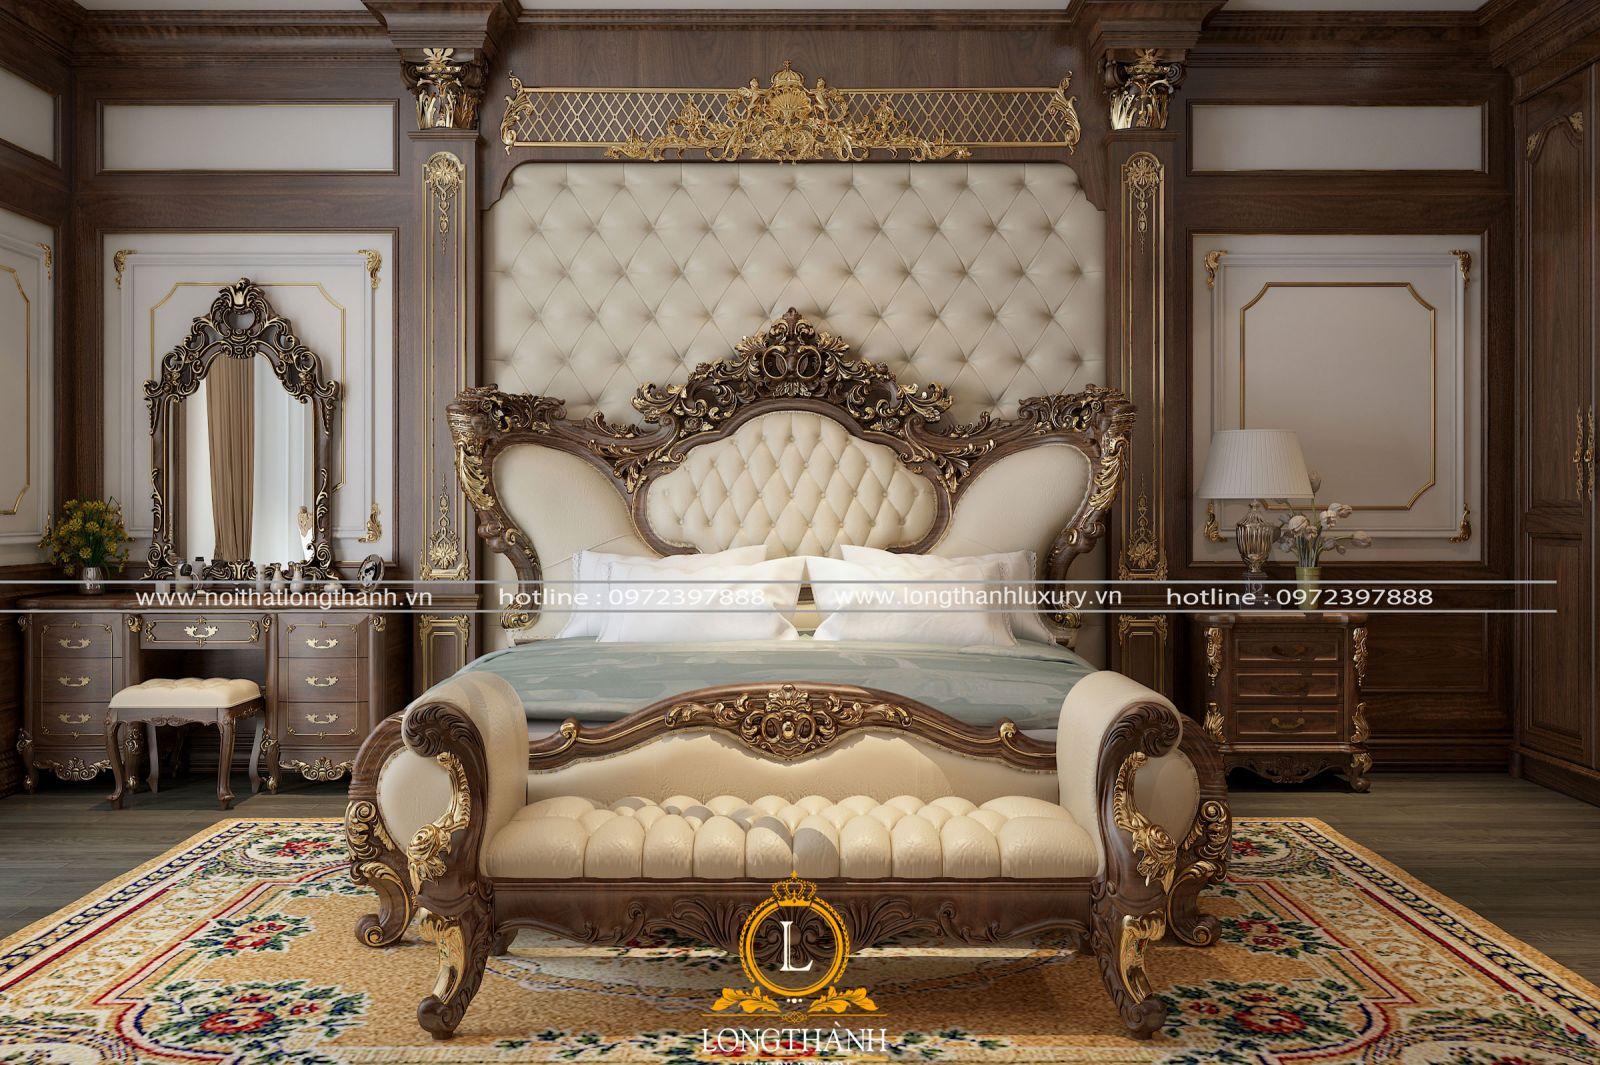 Mẫu phòng ngủ tân cổ điển dát vàng cho người lớn tuổi sang trọng đẳng cấp